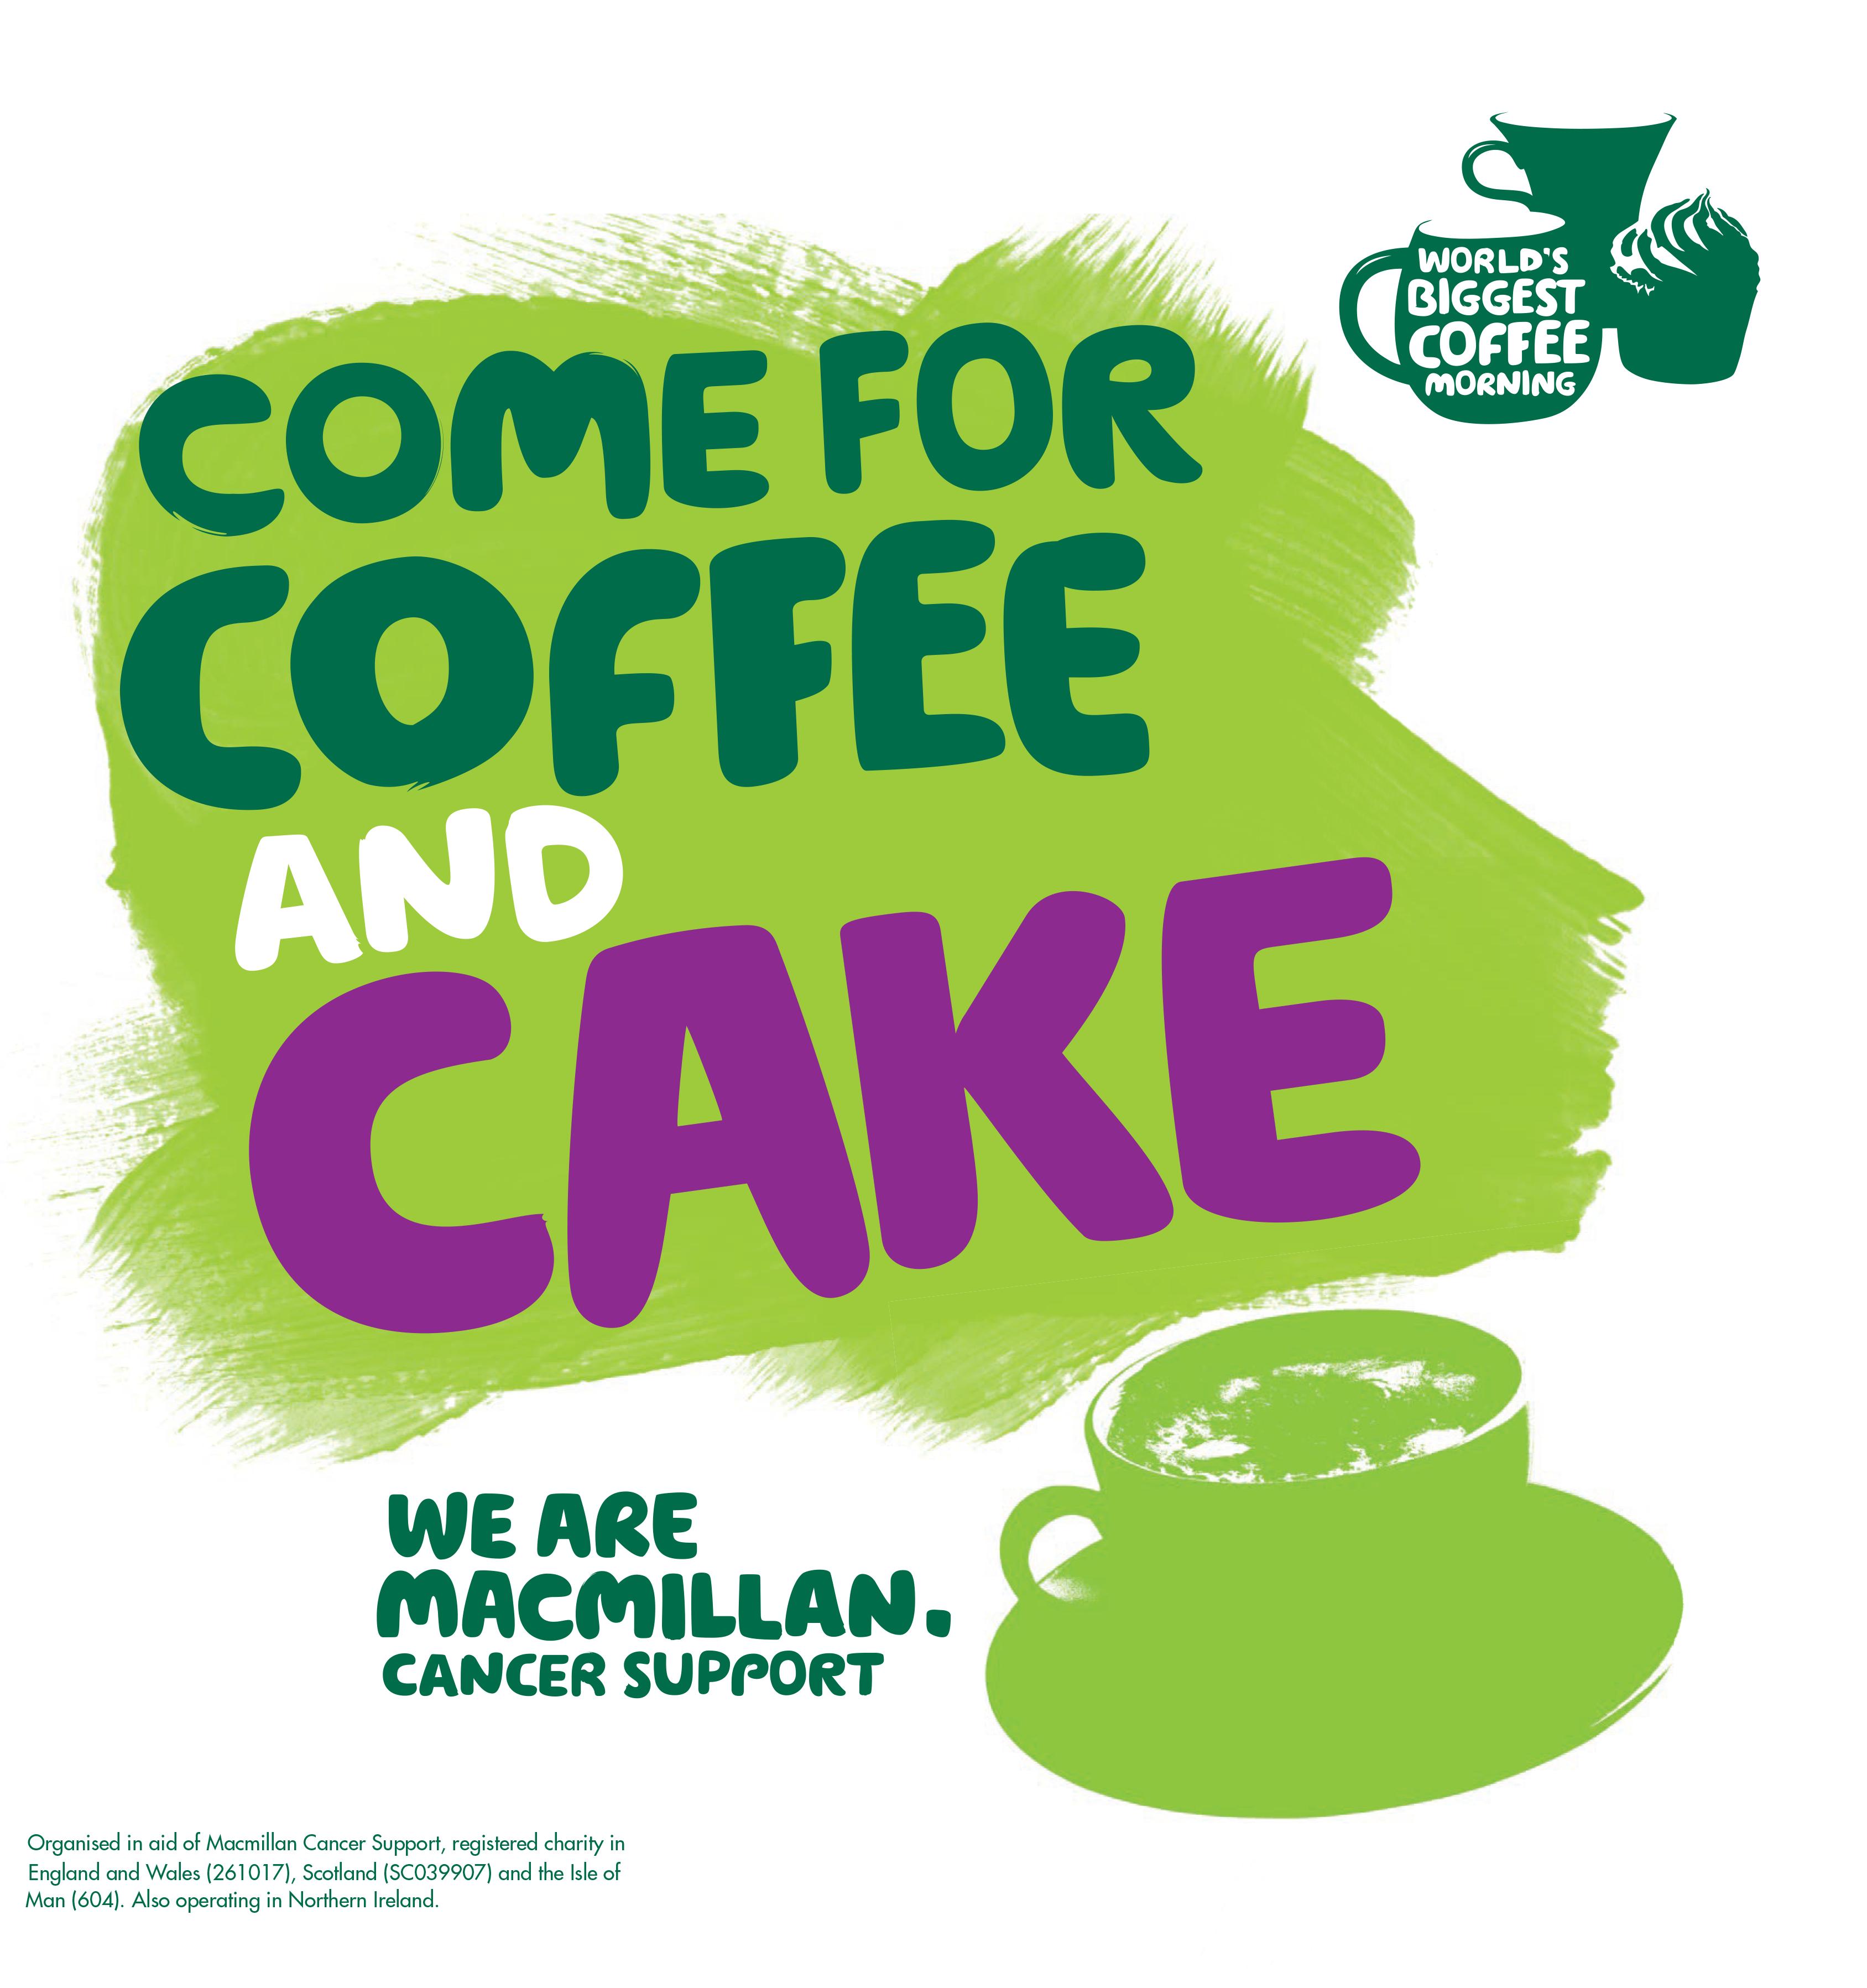 Macmillan Coffee Morning image 1